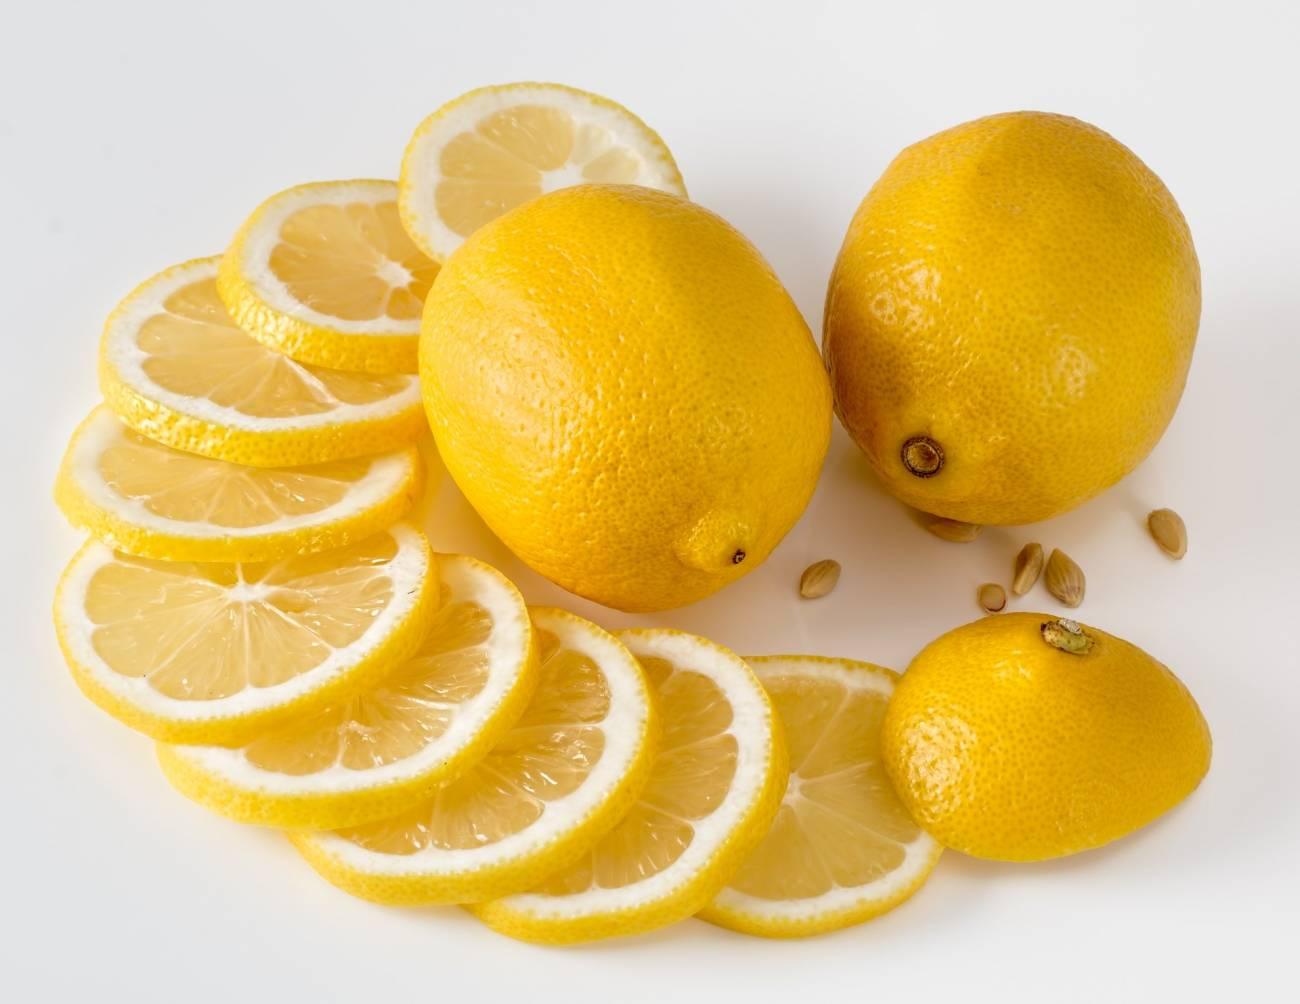 Zastosowanie cytryny nie tylko w kuchni